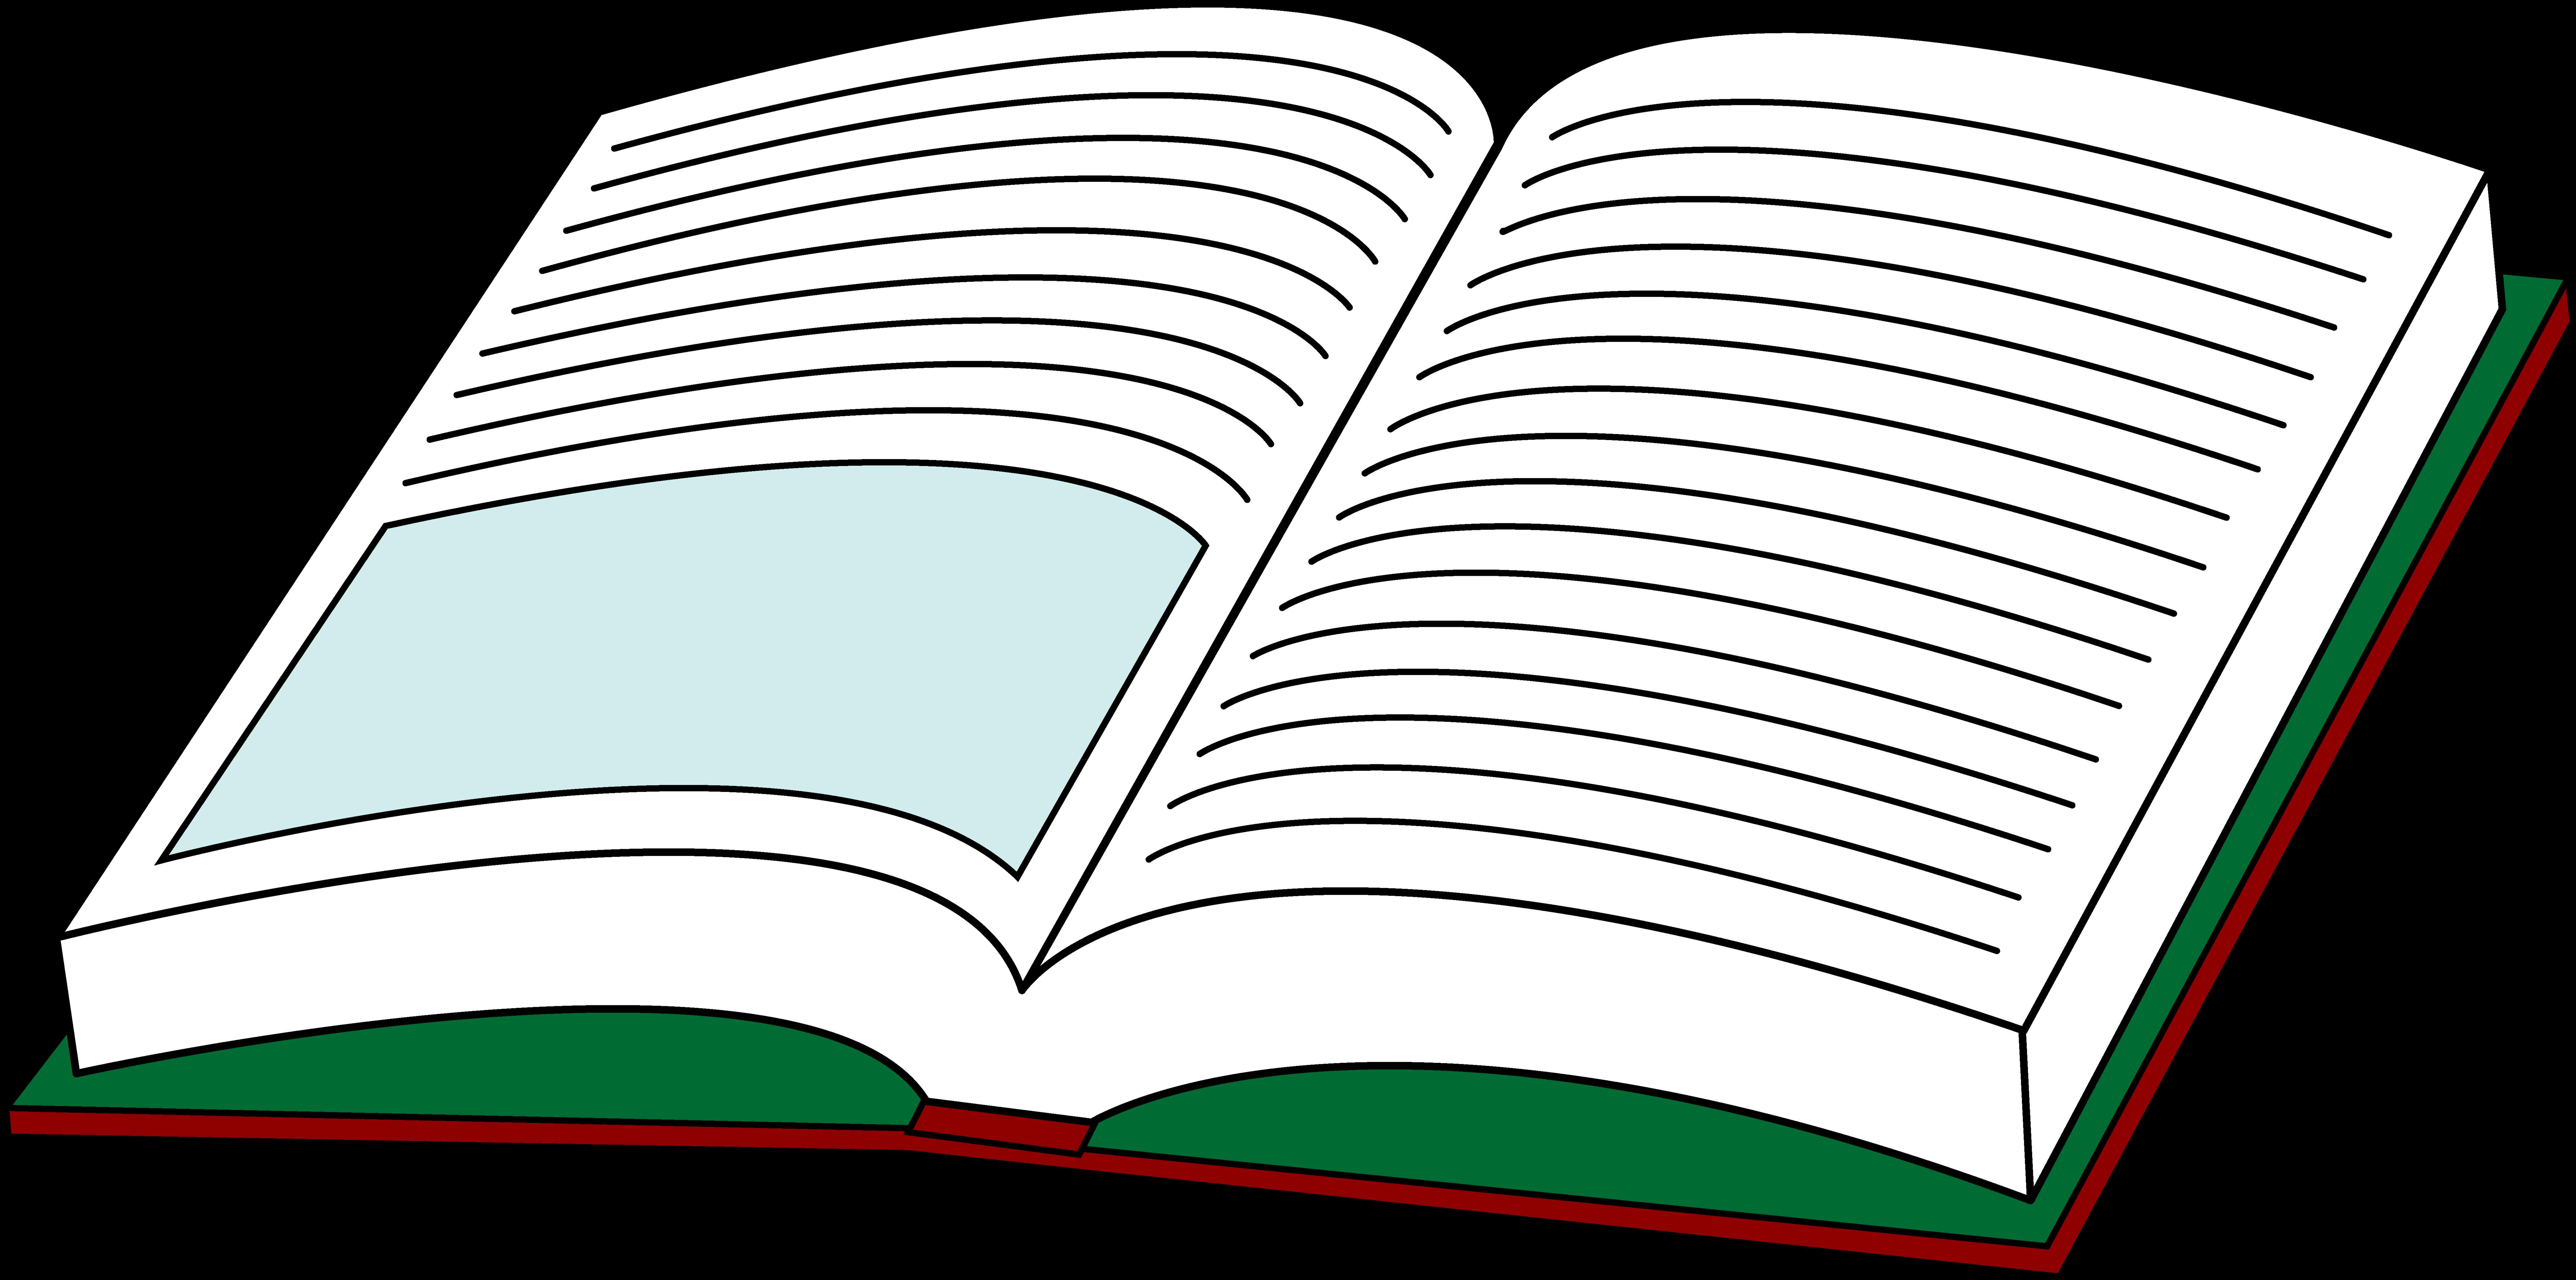 open book clip art color clipart best